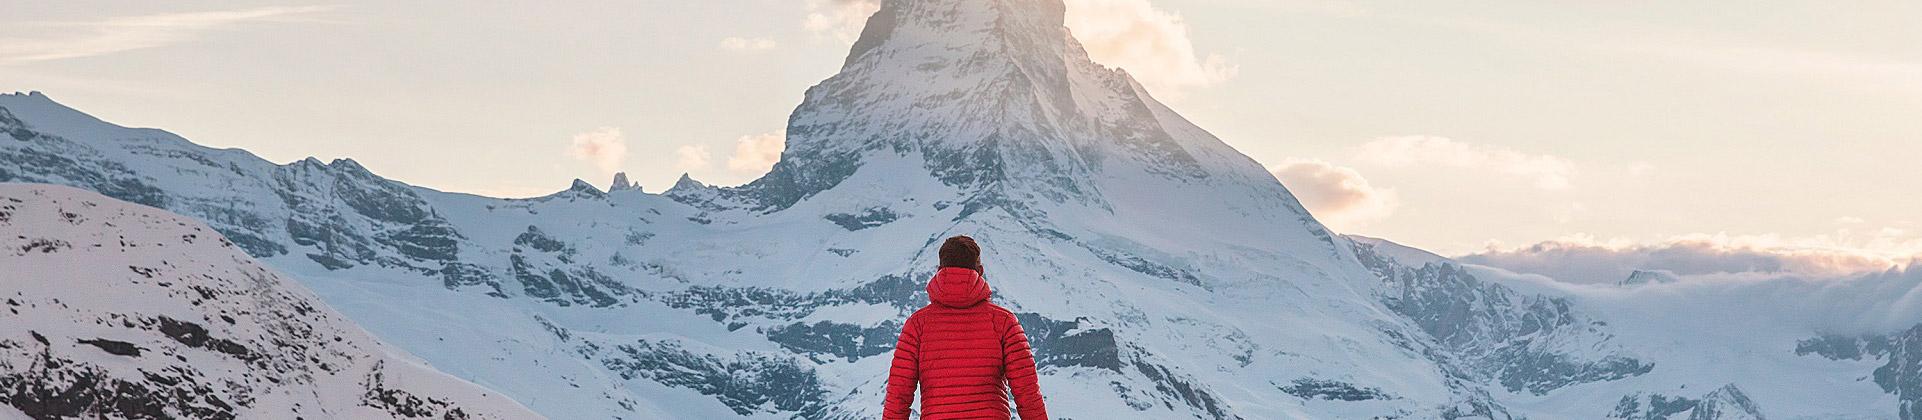 outdoor montagne sport